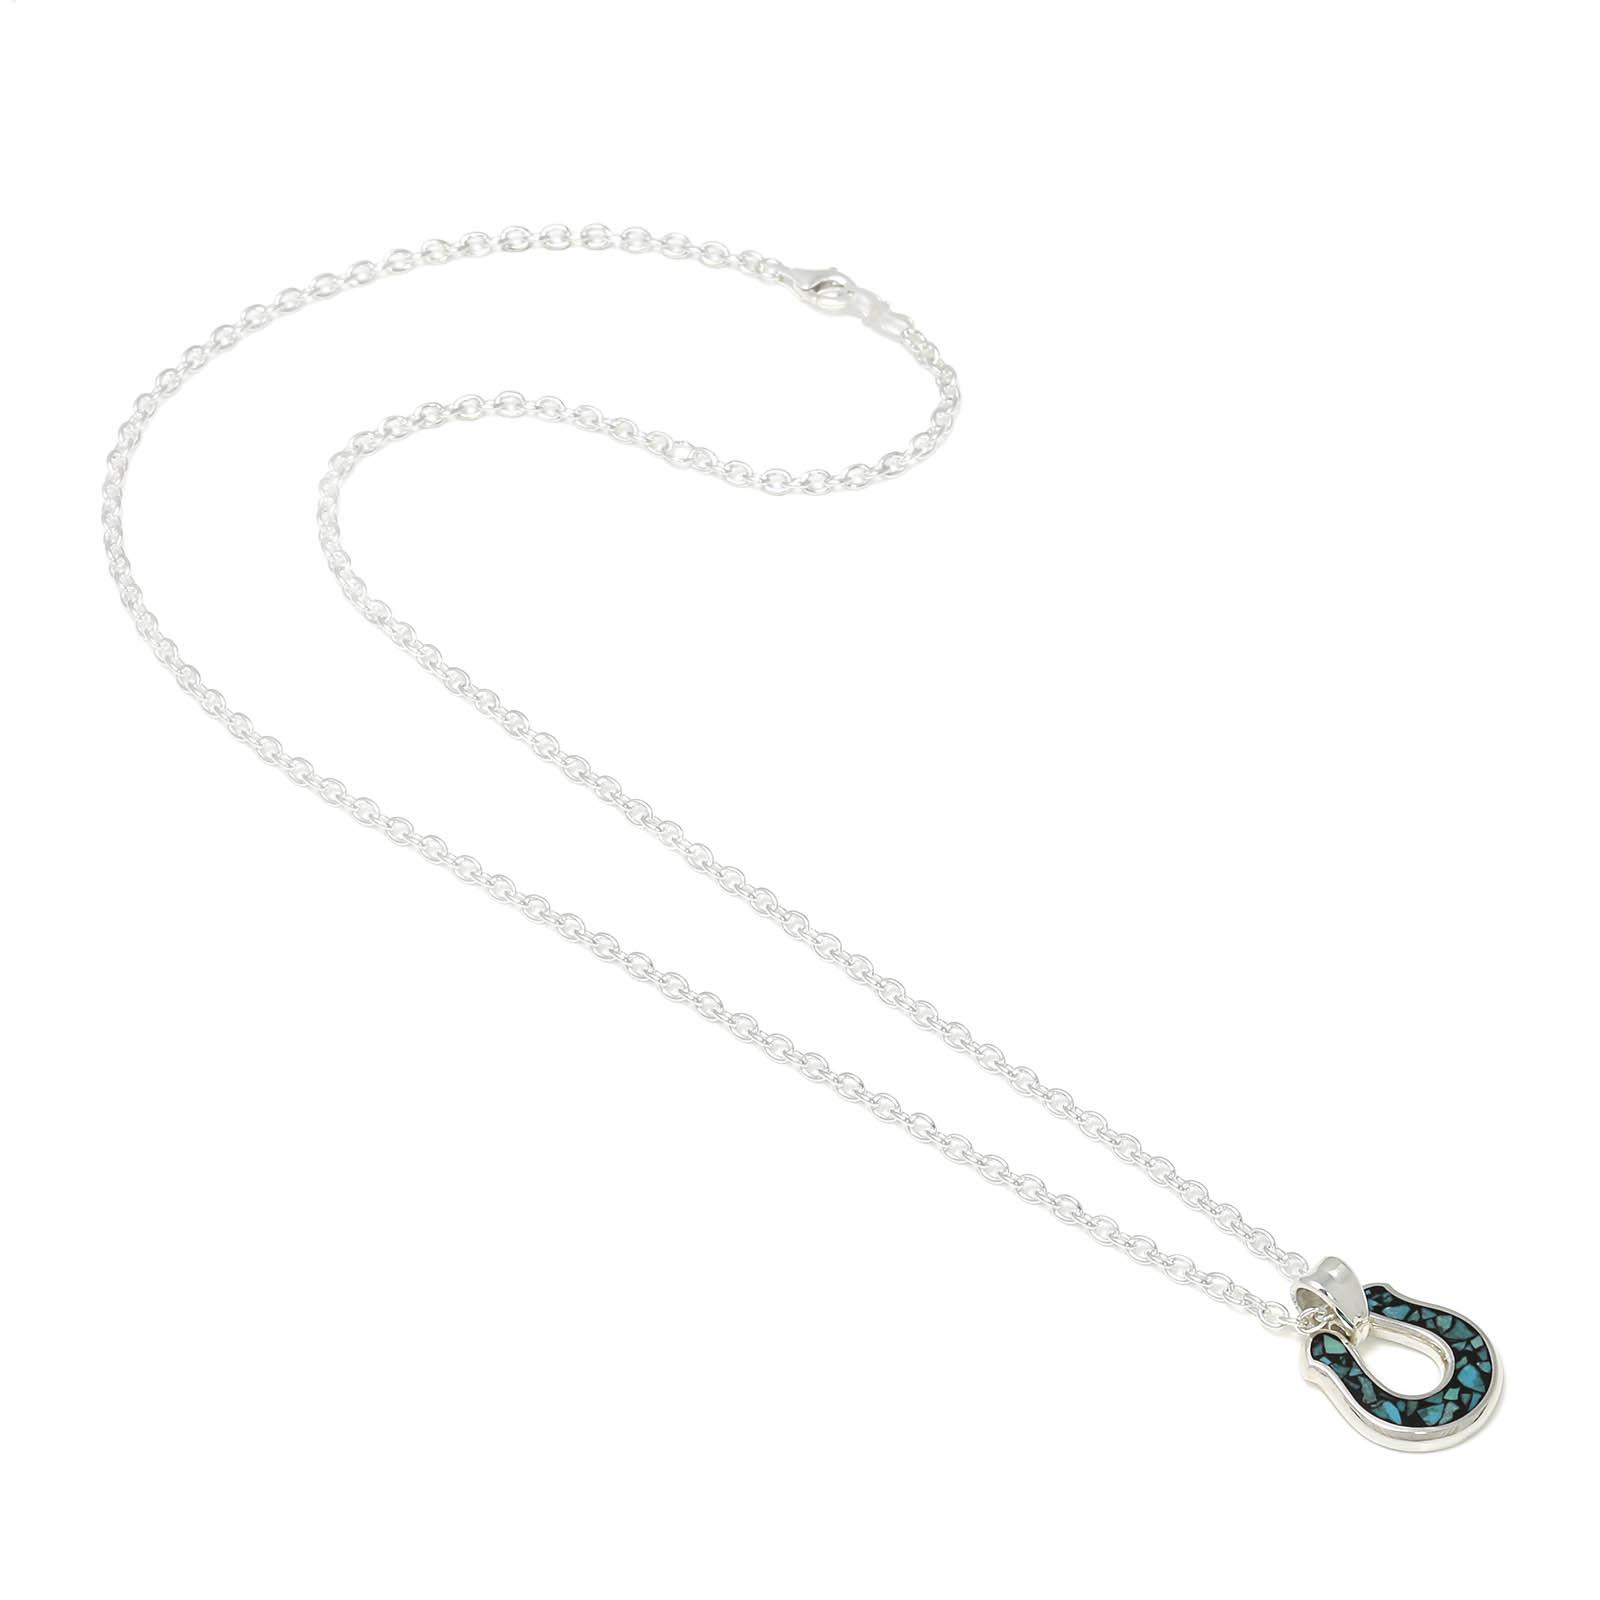 Horseshoe Inlay Necklace